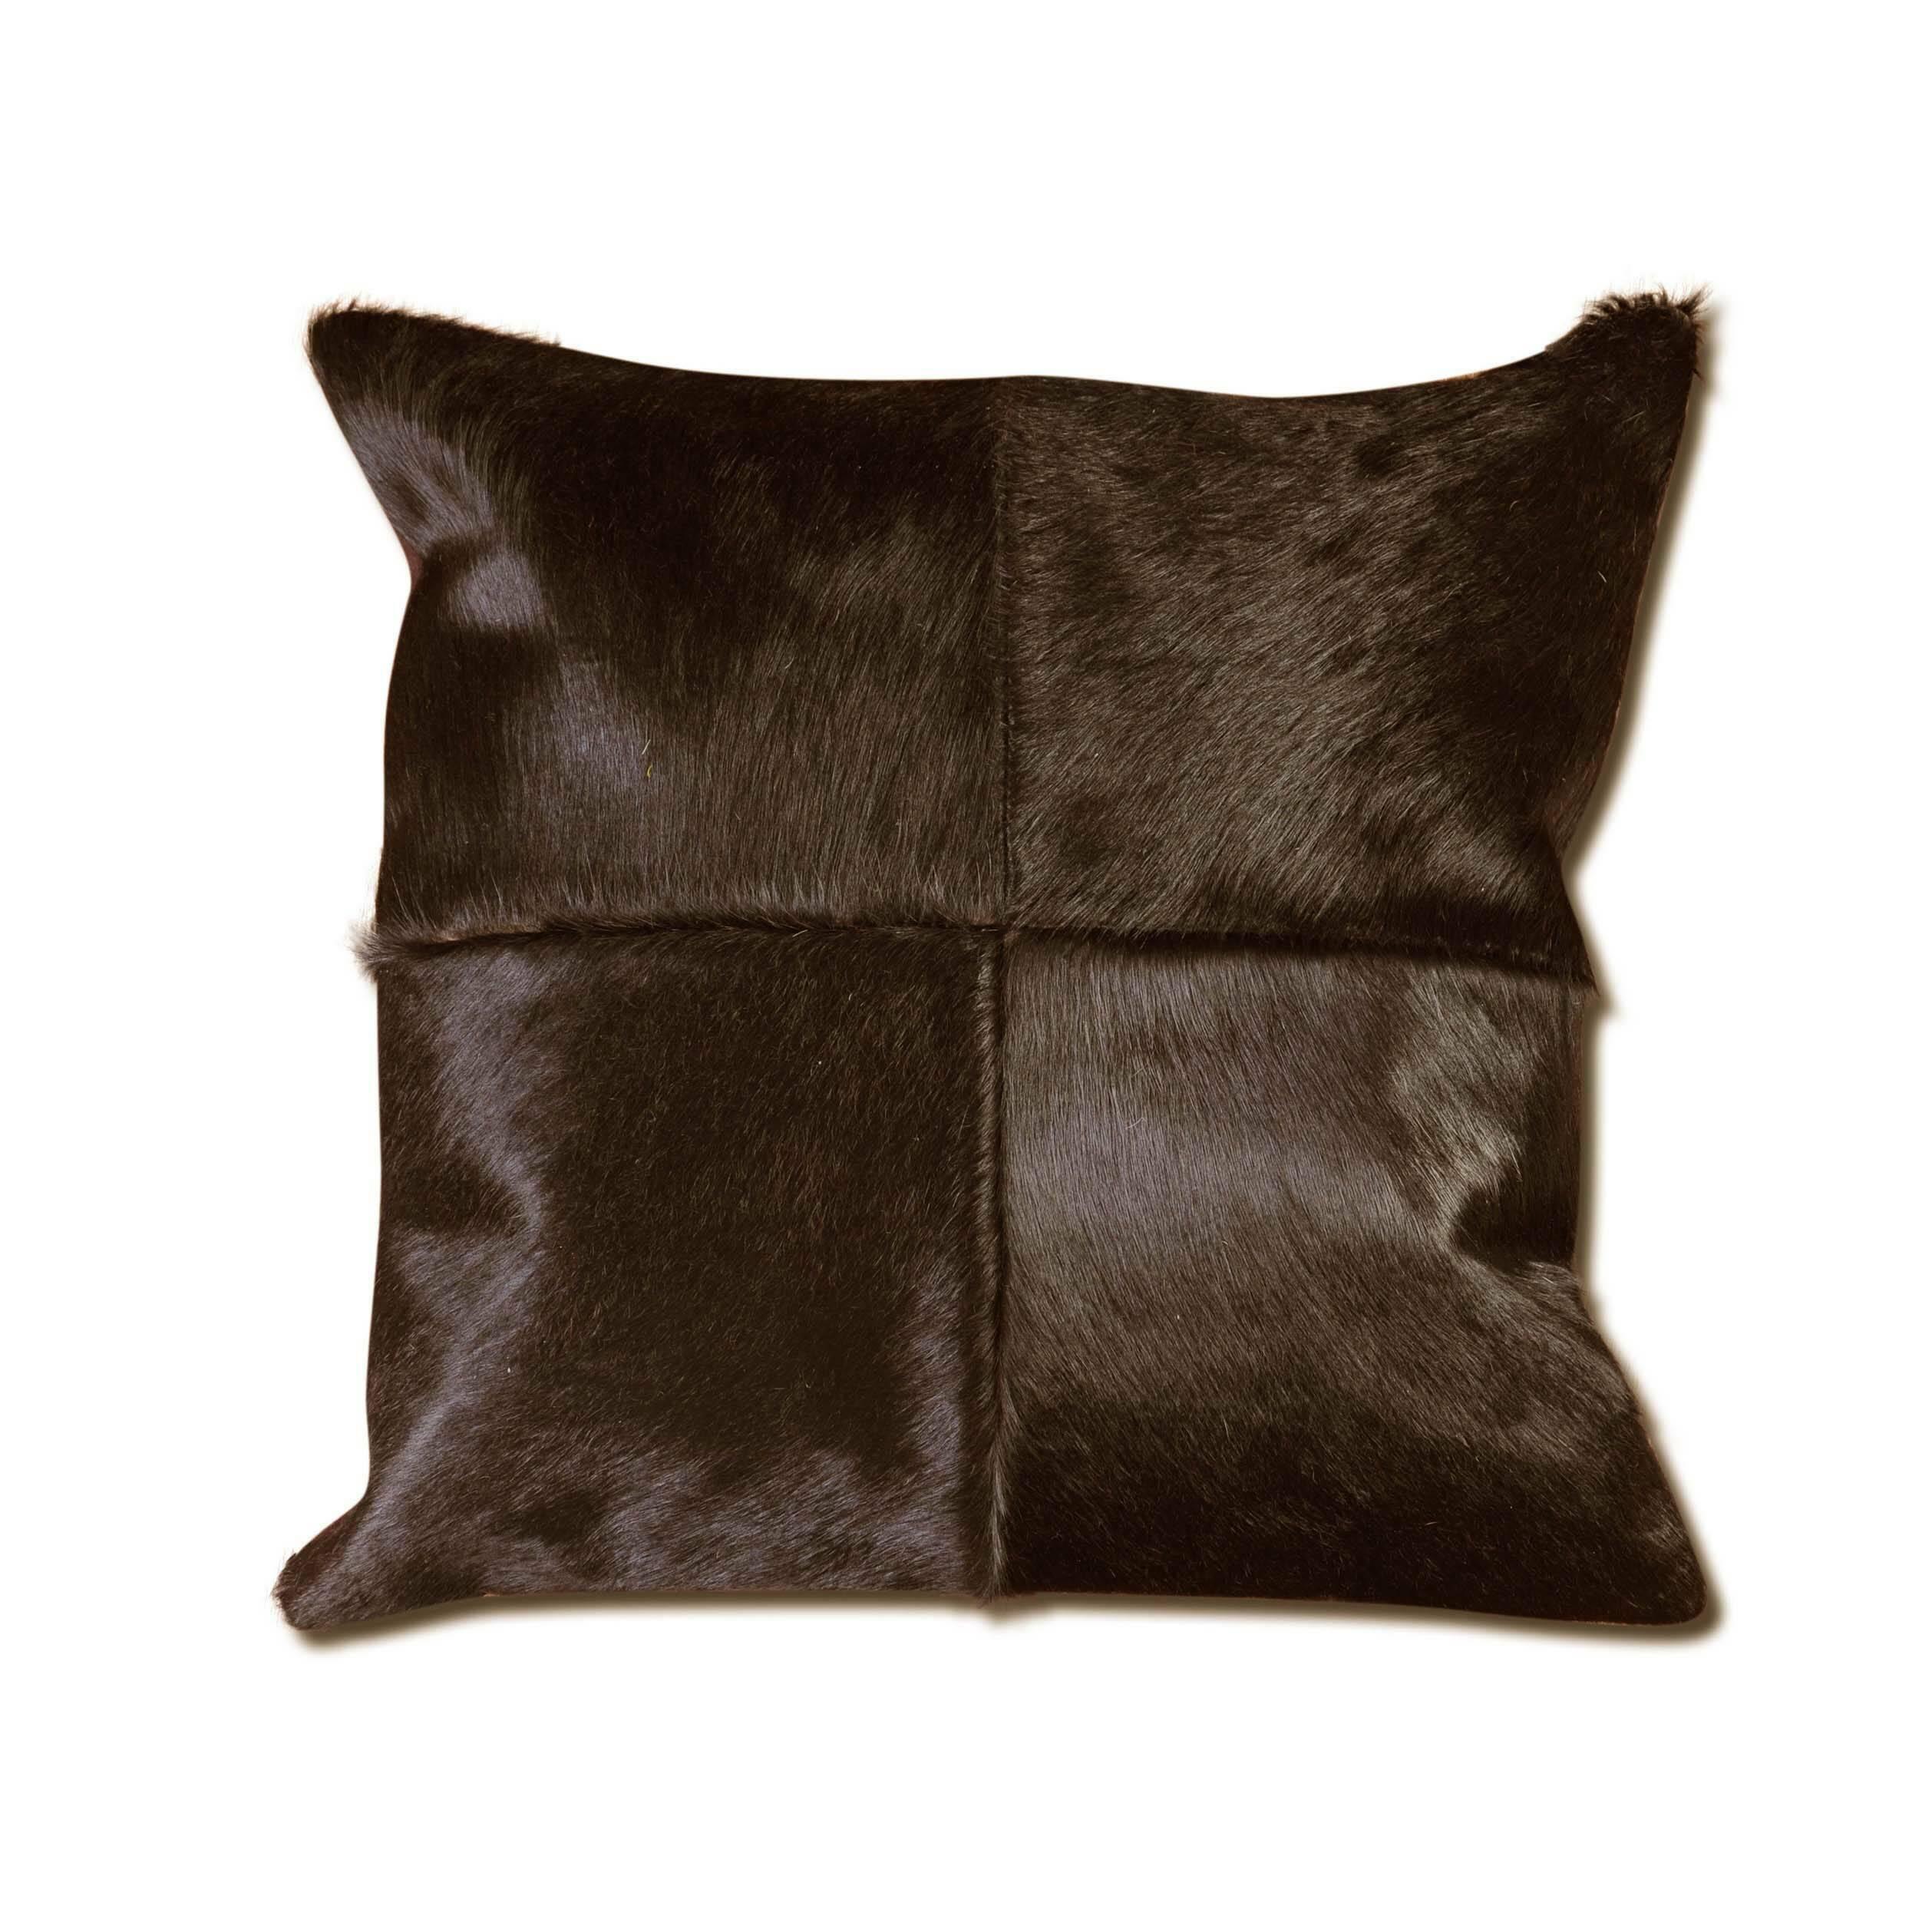 Подушка OxfordДекоративные подушки<br>Дизайнерская подушка Oxford (Оксфорд) ручного производтсва из шкуры от Cosmo (Космо).<br>Порой совсем недостаточно обставить ваше жилище одной лишь мебелью, для того чтобы оно был стильным и презентабельным. Лишь дополнительные штрихи в виде декора завершают облик и придают ему неповторимый характер.<br><br> Оригинальная подушка Oxford в этом смысле отличный инструмент, с помощью которого можно расставить акценты и дополнить дизайн интерьера. Изделие из натуральной шкуры коровы представлено в двух ...<br><br>stock: 9<br>Ширина: 45<br>Материал: Шкура<br>Цвет: Темно-коричневый<br>Длина: 45<br>Состав основы: Кожа<br>Тип производства: Ручное производство